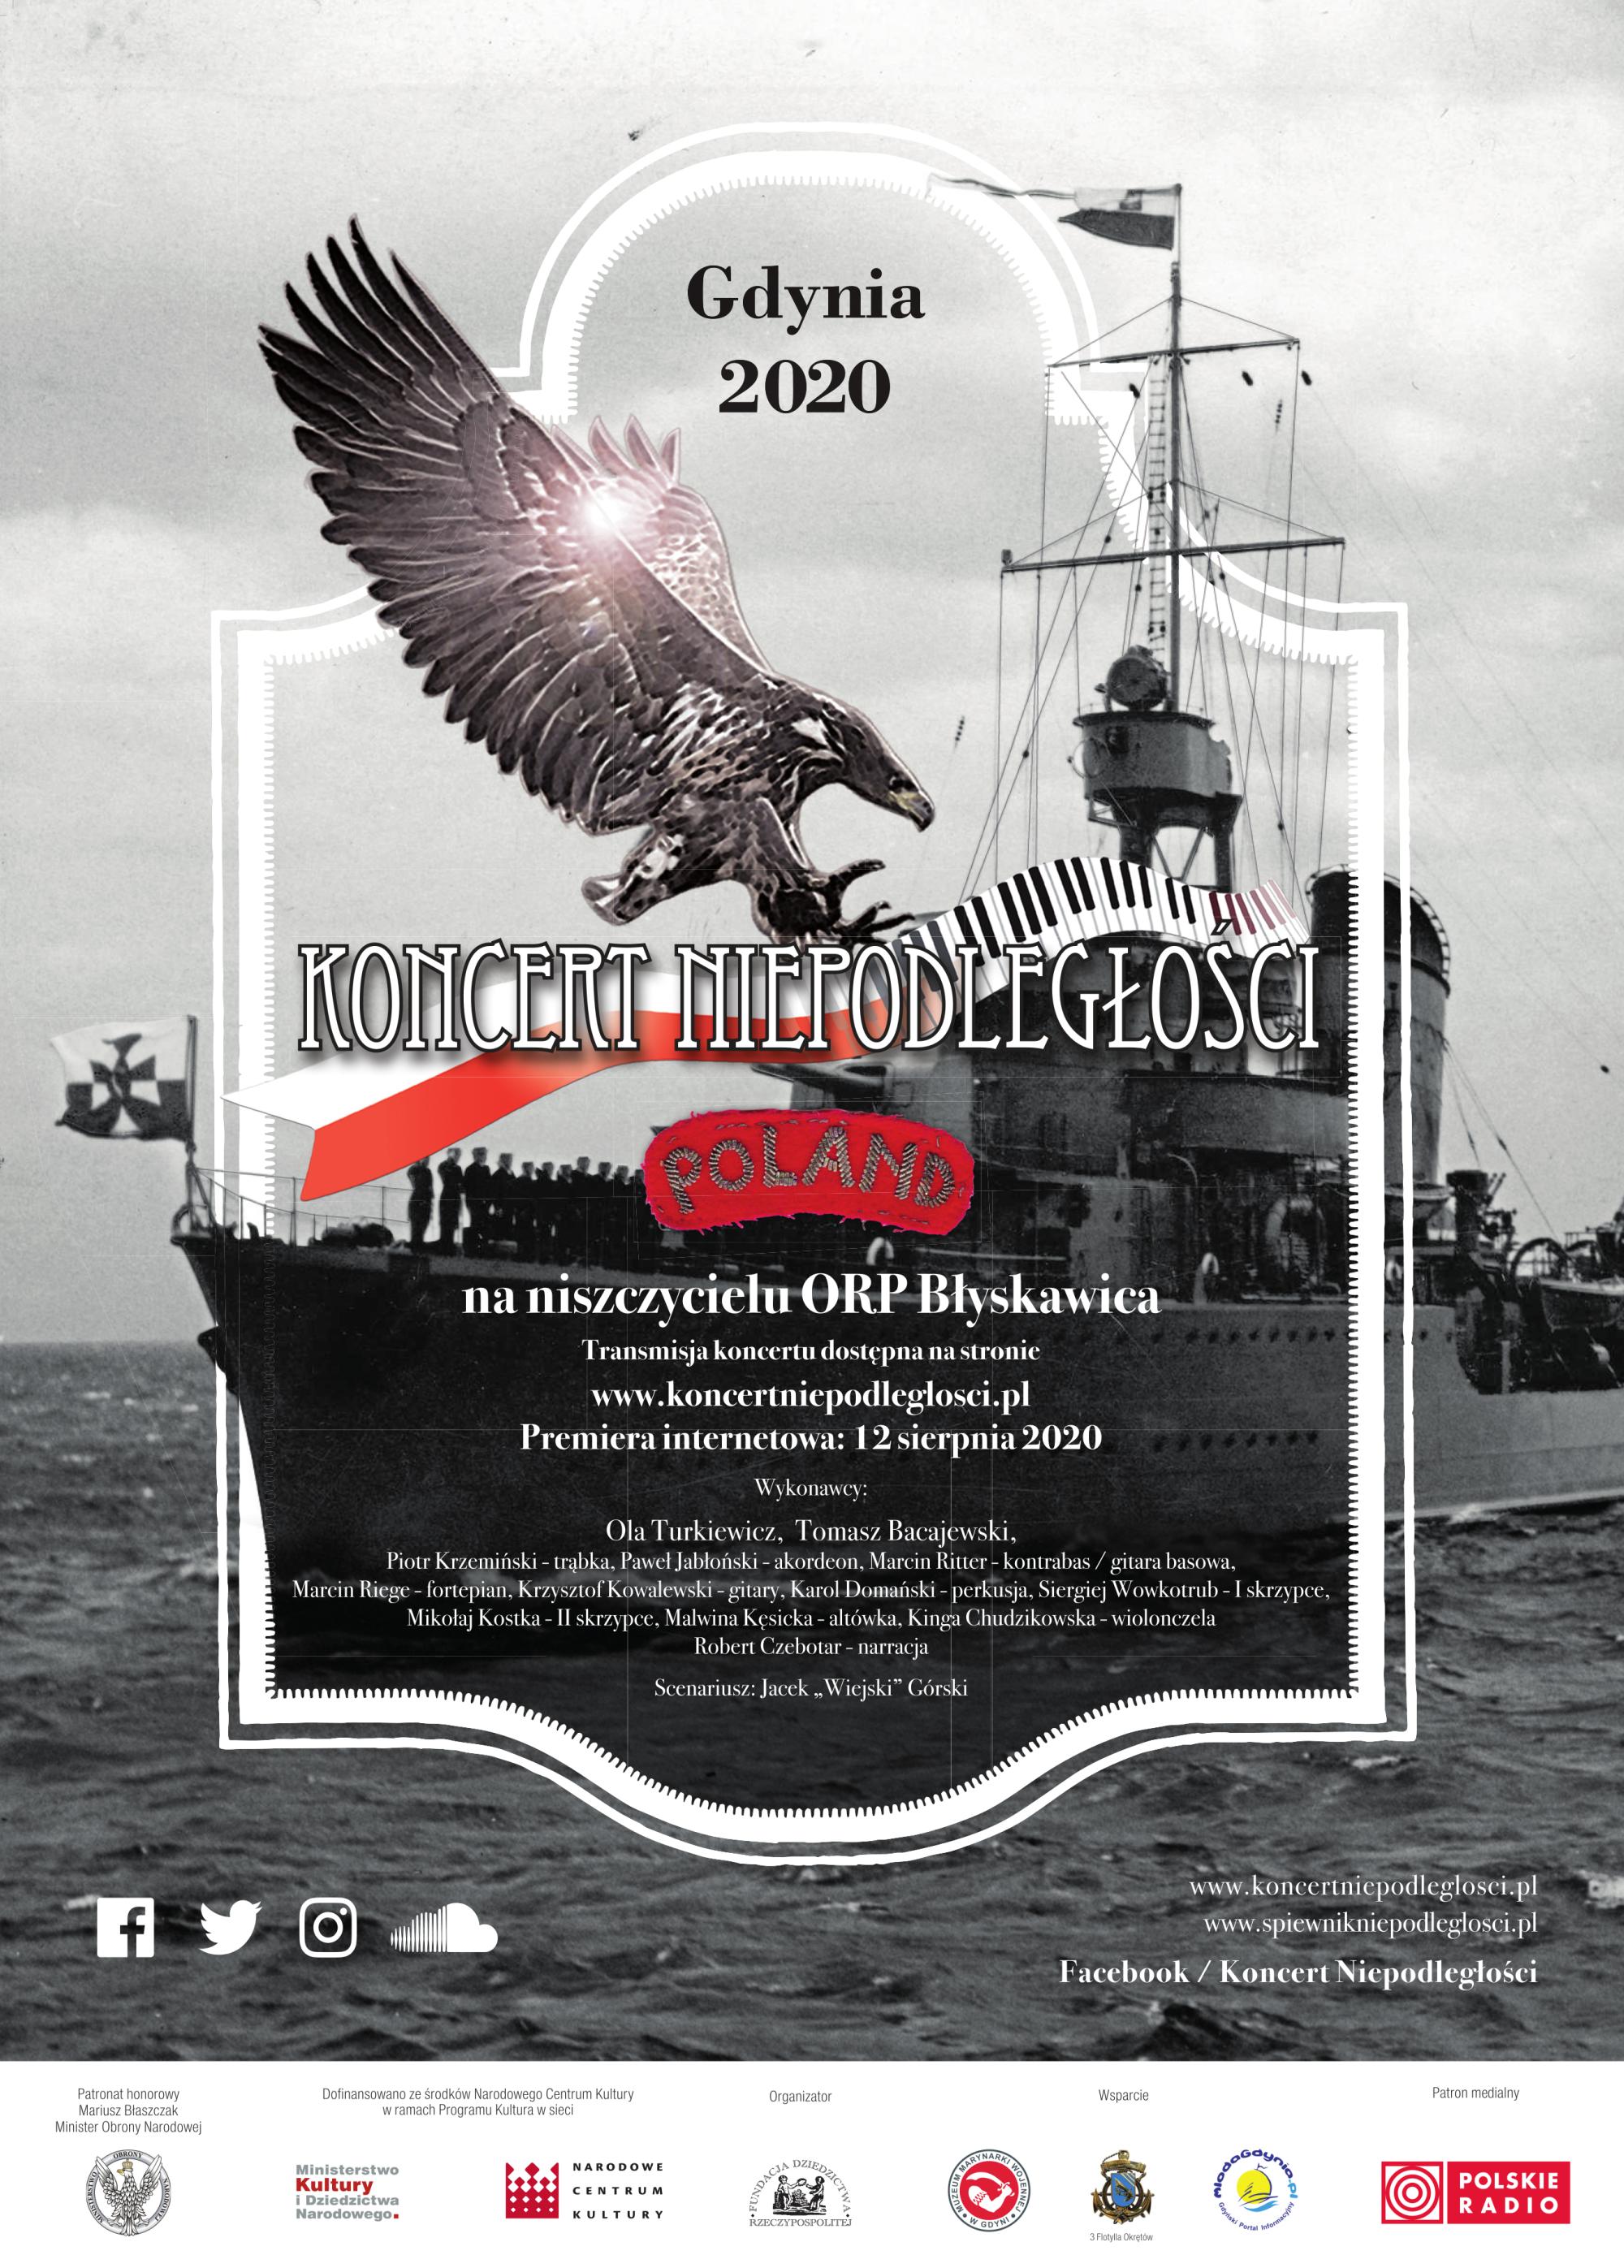 Koncert Niepodległości na ORP Błyskawica, Gdynia 2020